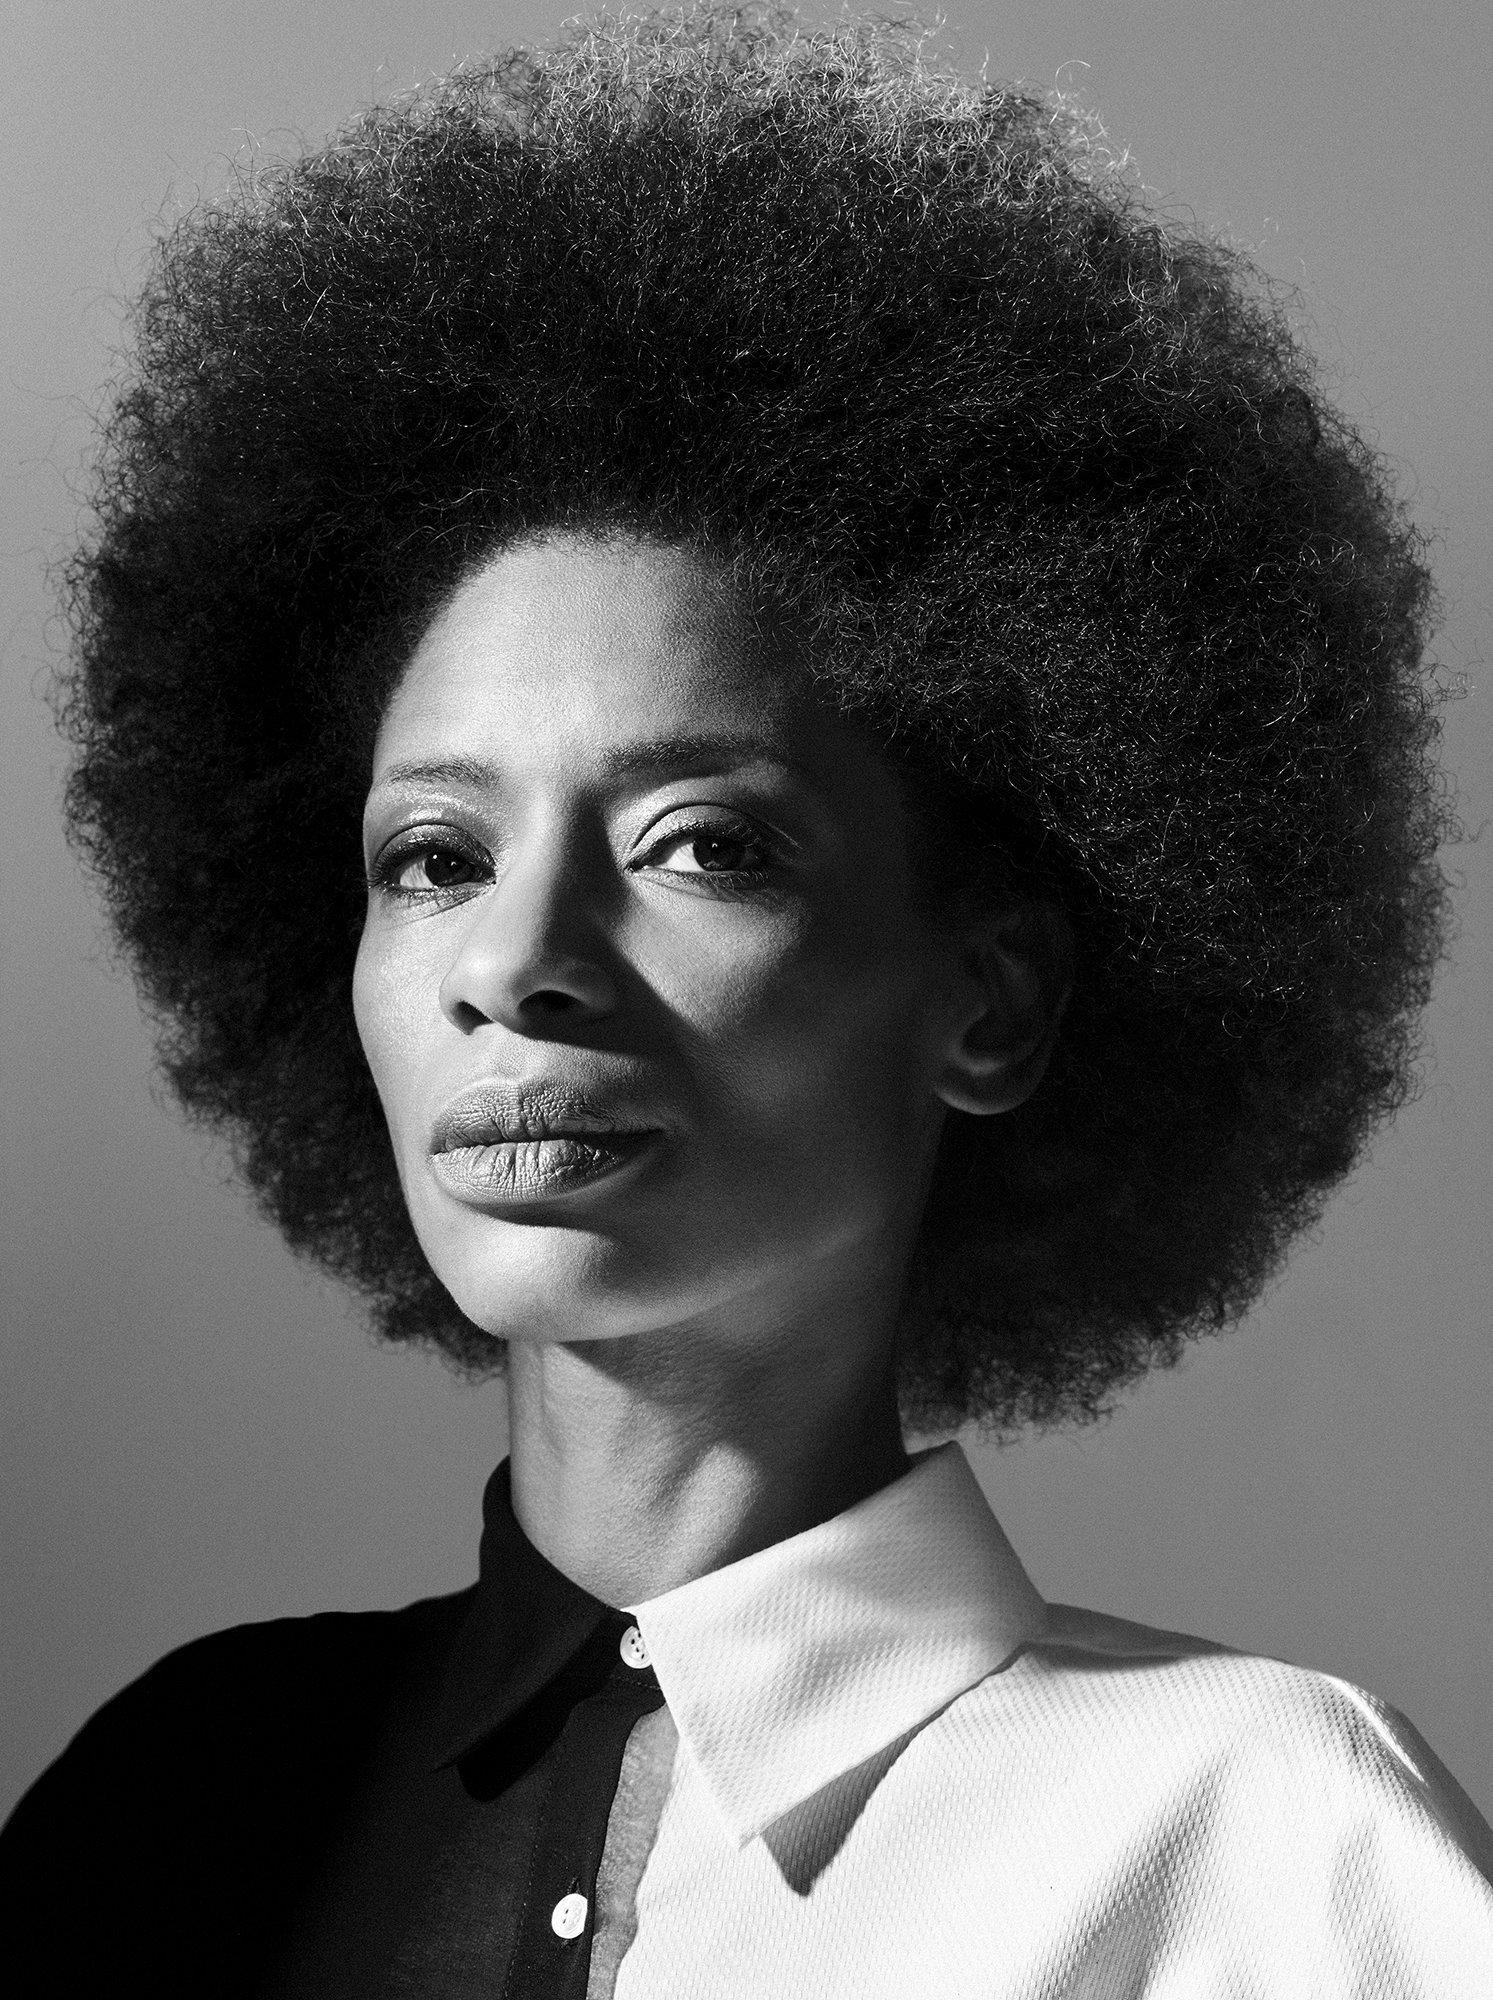 Sylvana Simons for Harpers Bazaar NL